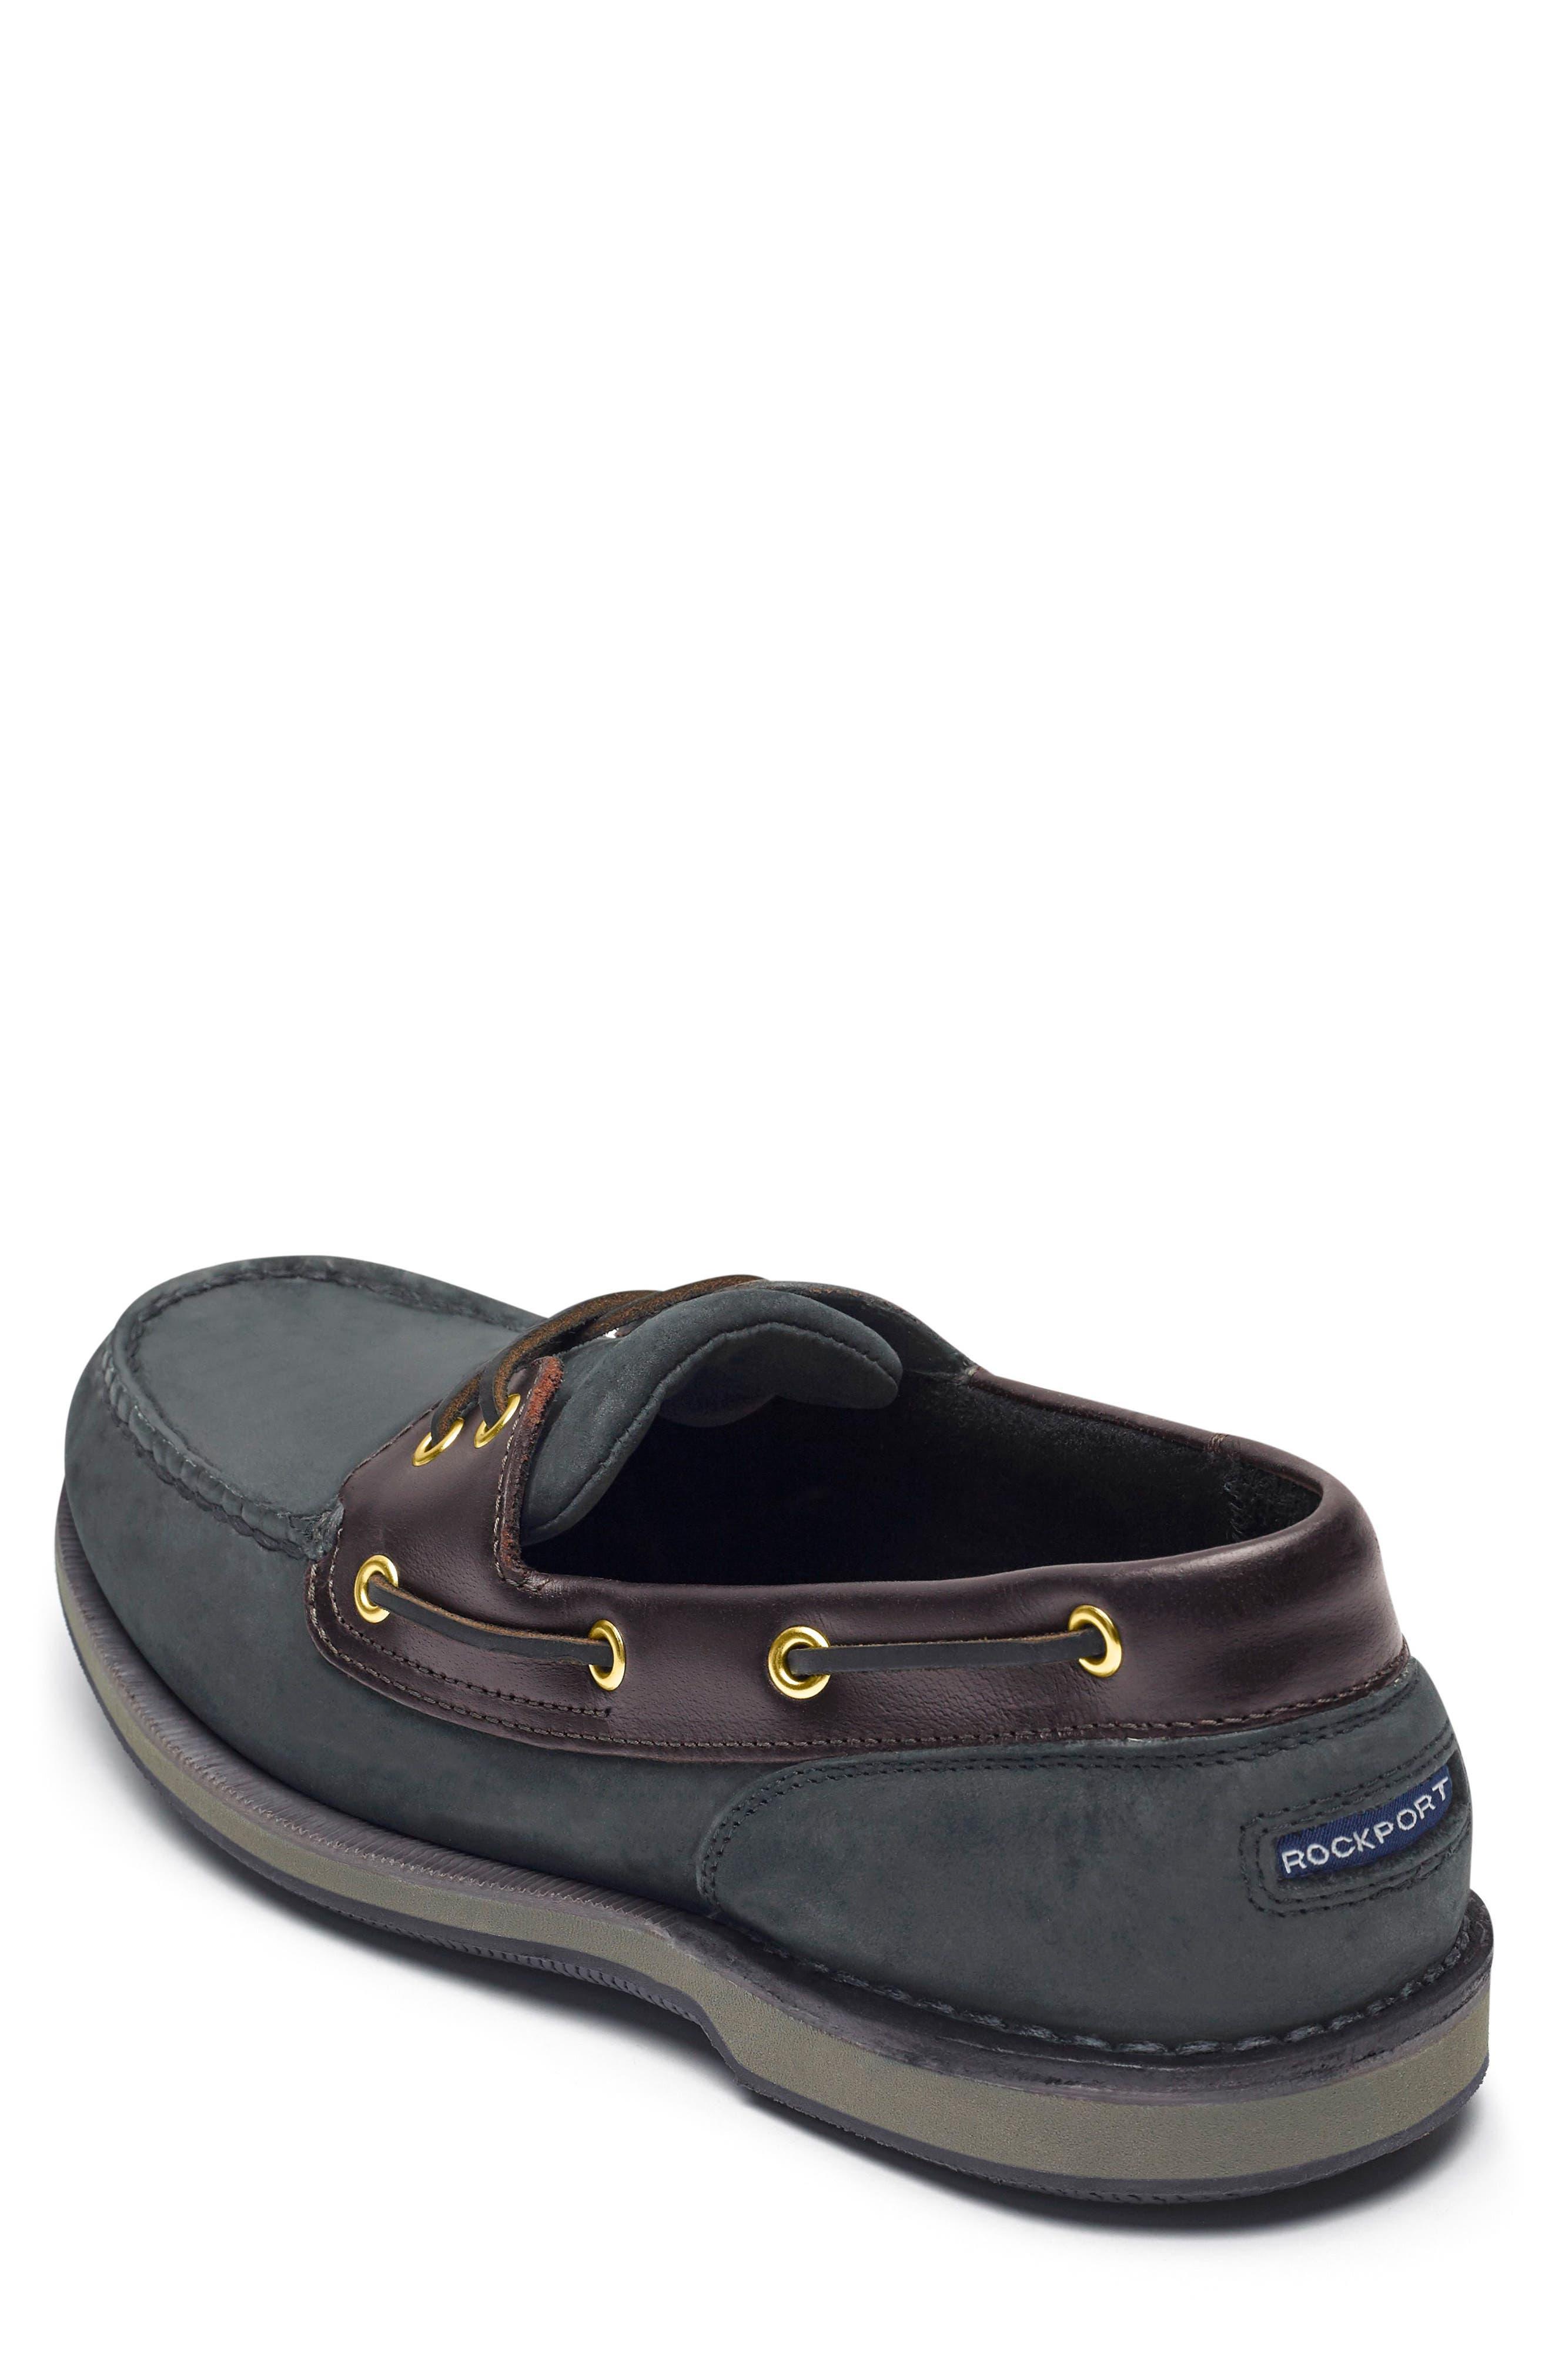 'Perth' Boat Shoe,                             Alternate thumbnail 2, color,                             Black/ Bark Leather